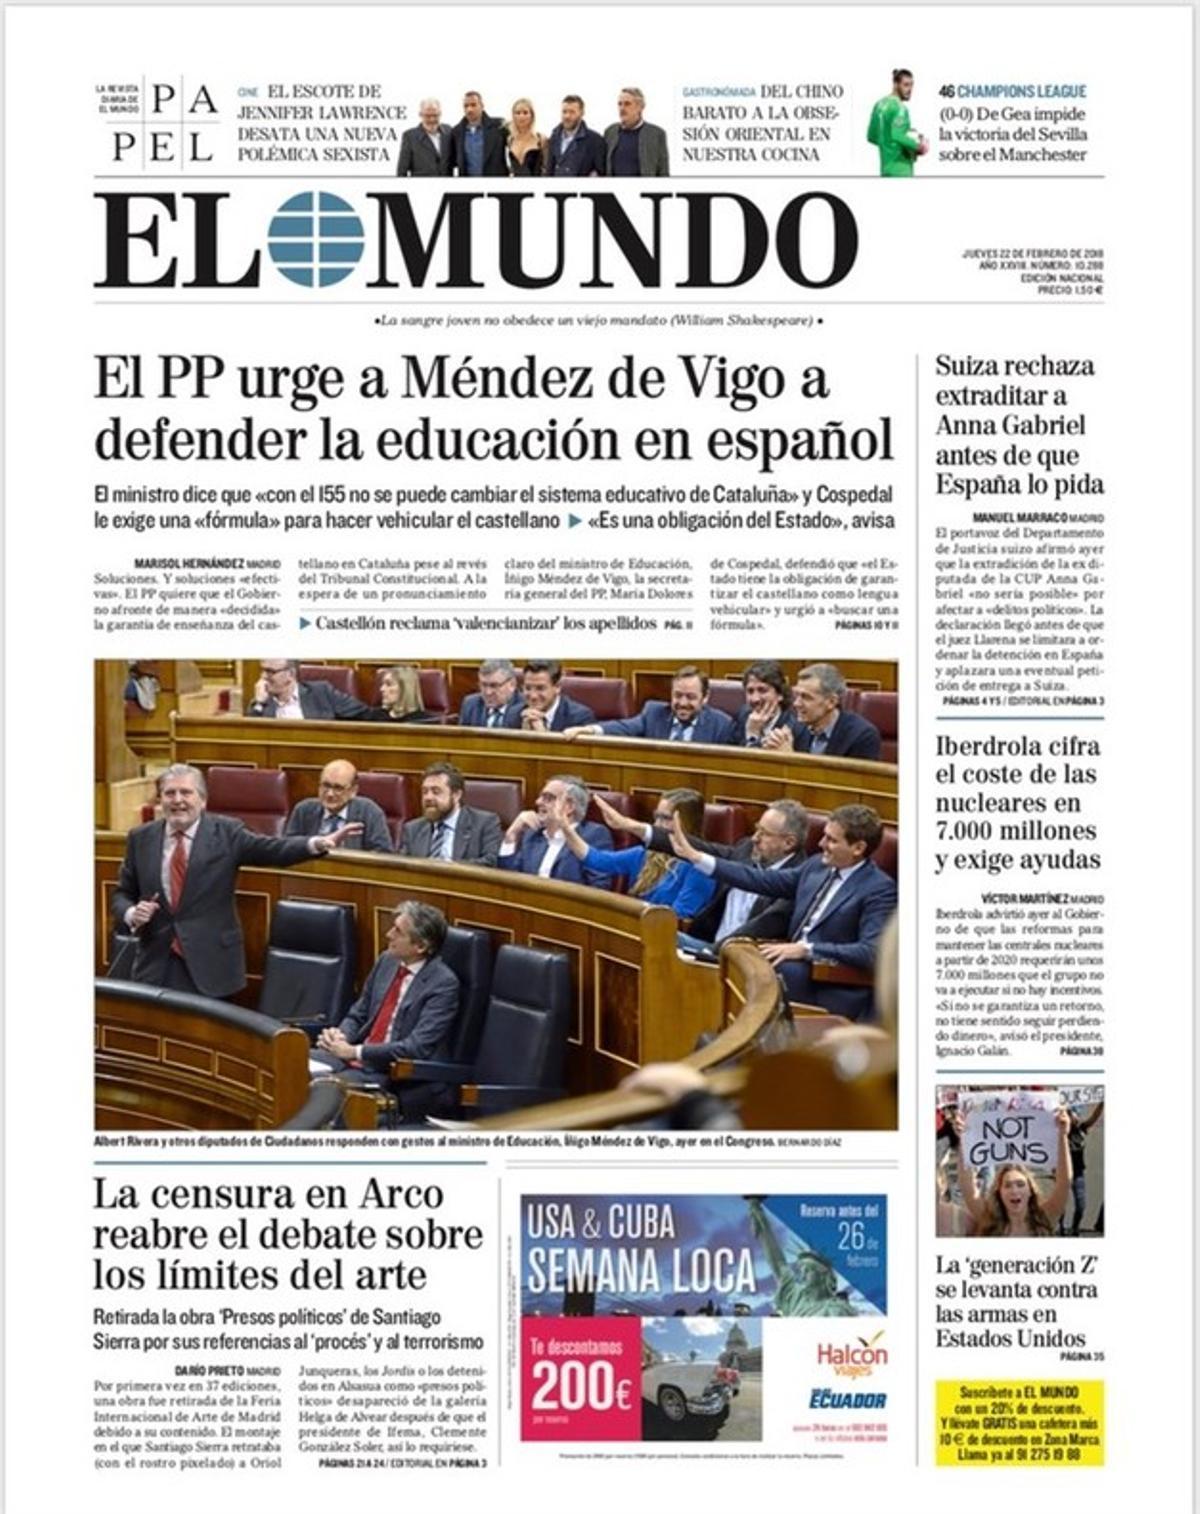 La deriva autoritaria de censura y cárcel de España alarma al quiosco